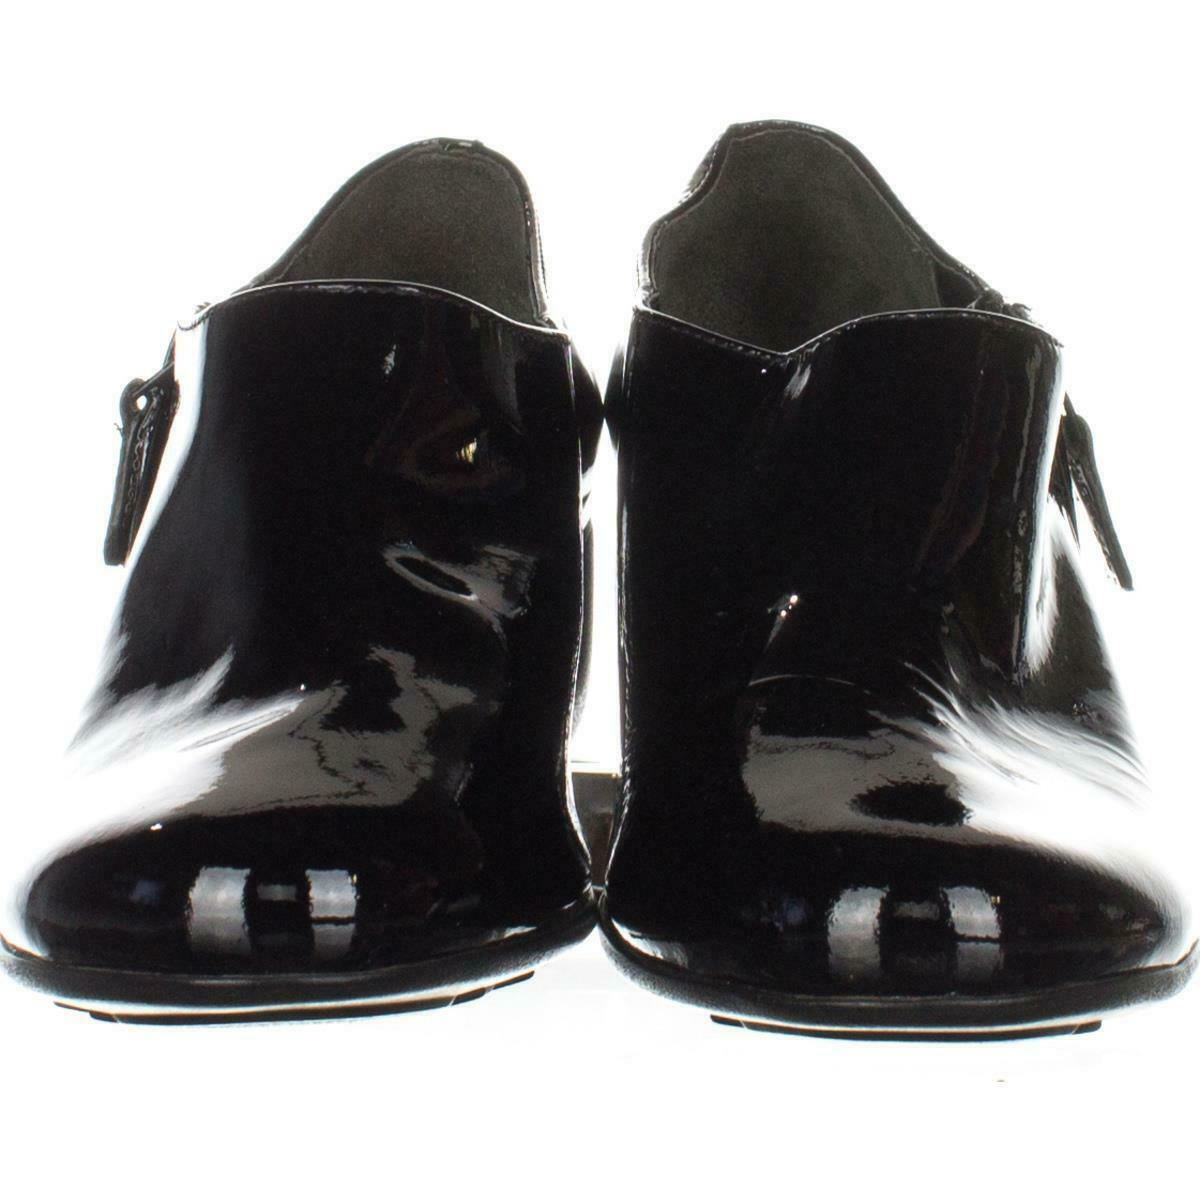 Cole Haan Callie Slip-On Waterproof Rain Shoes 675, Black, 6.5 US